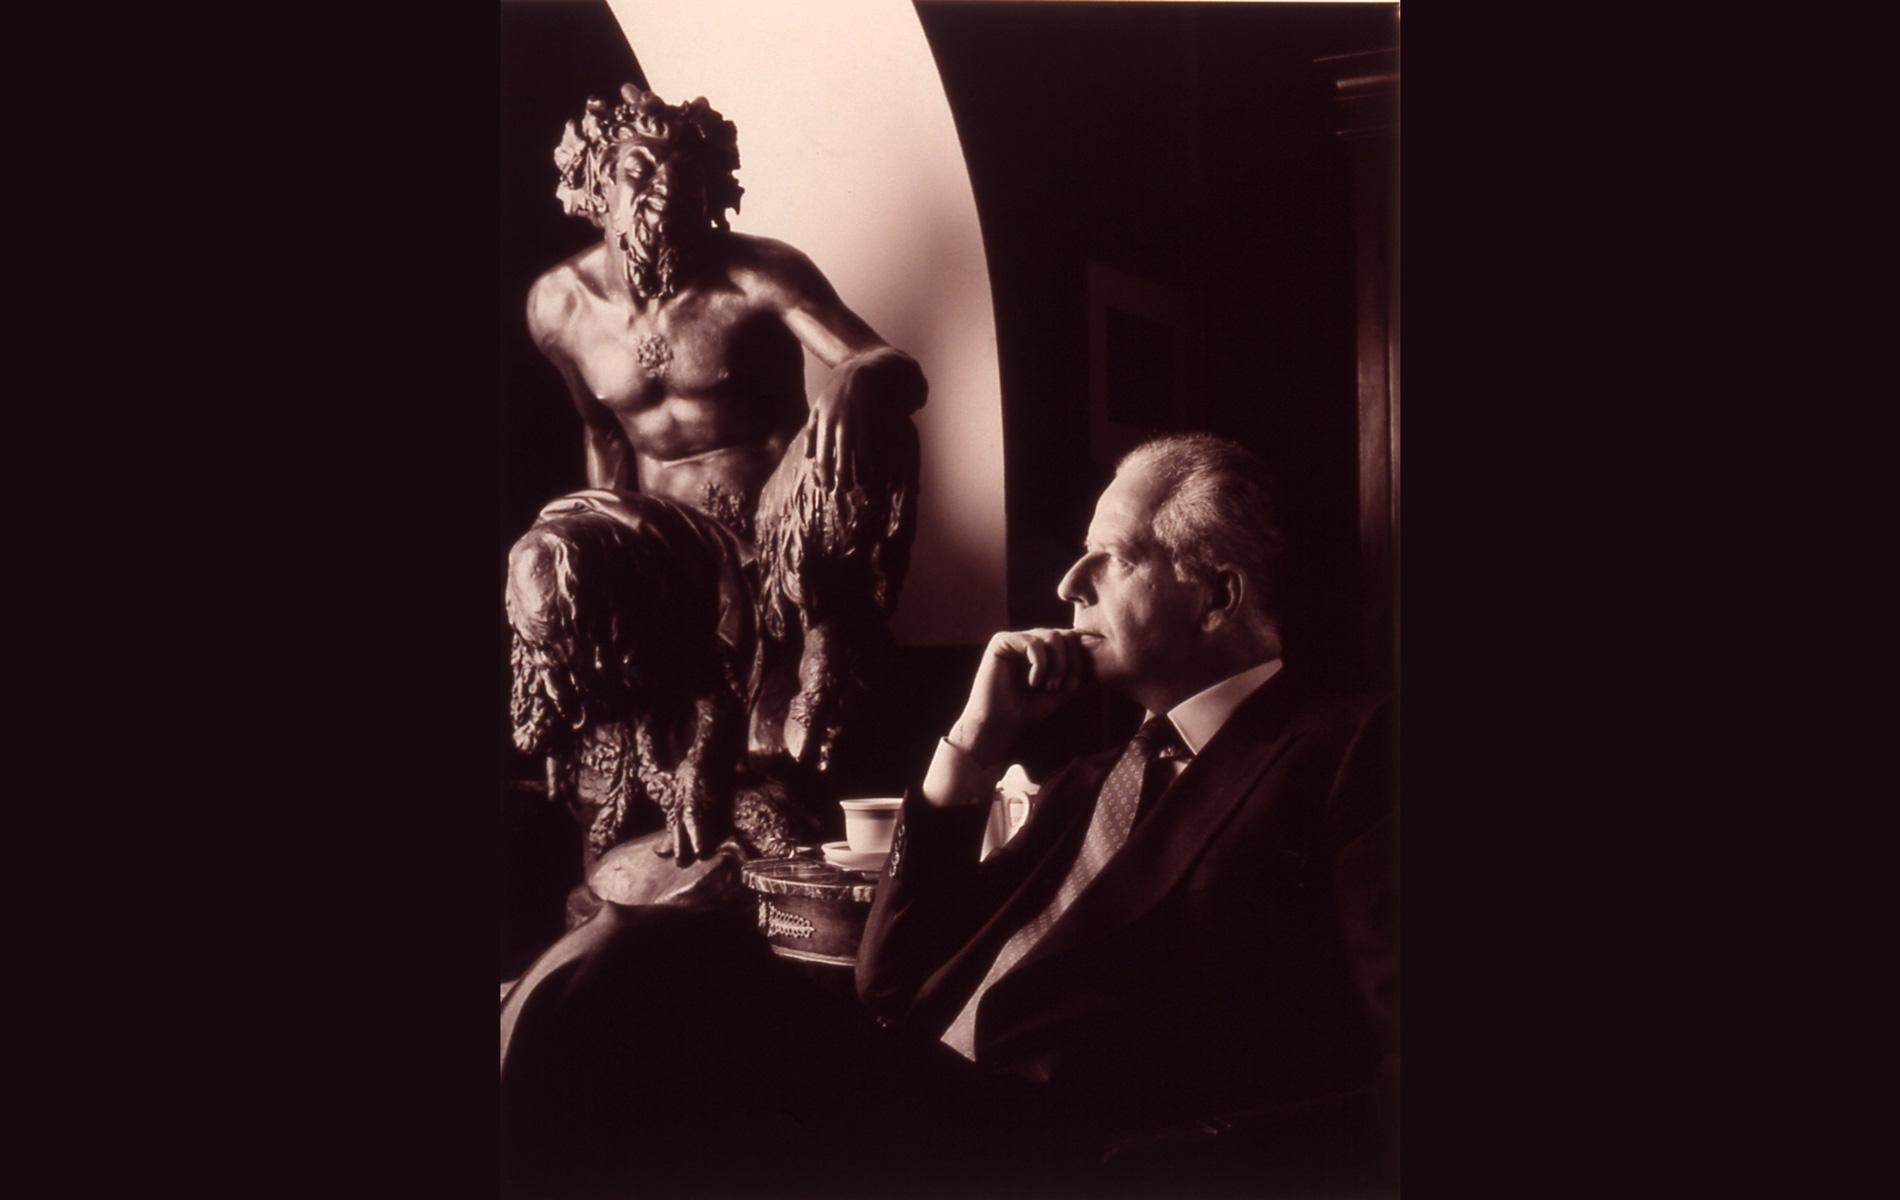 PAOLO BULGARI - Jeweler - Portraits Exhibition - © Graziano Villa